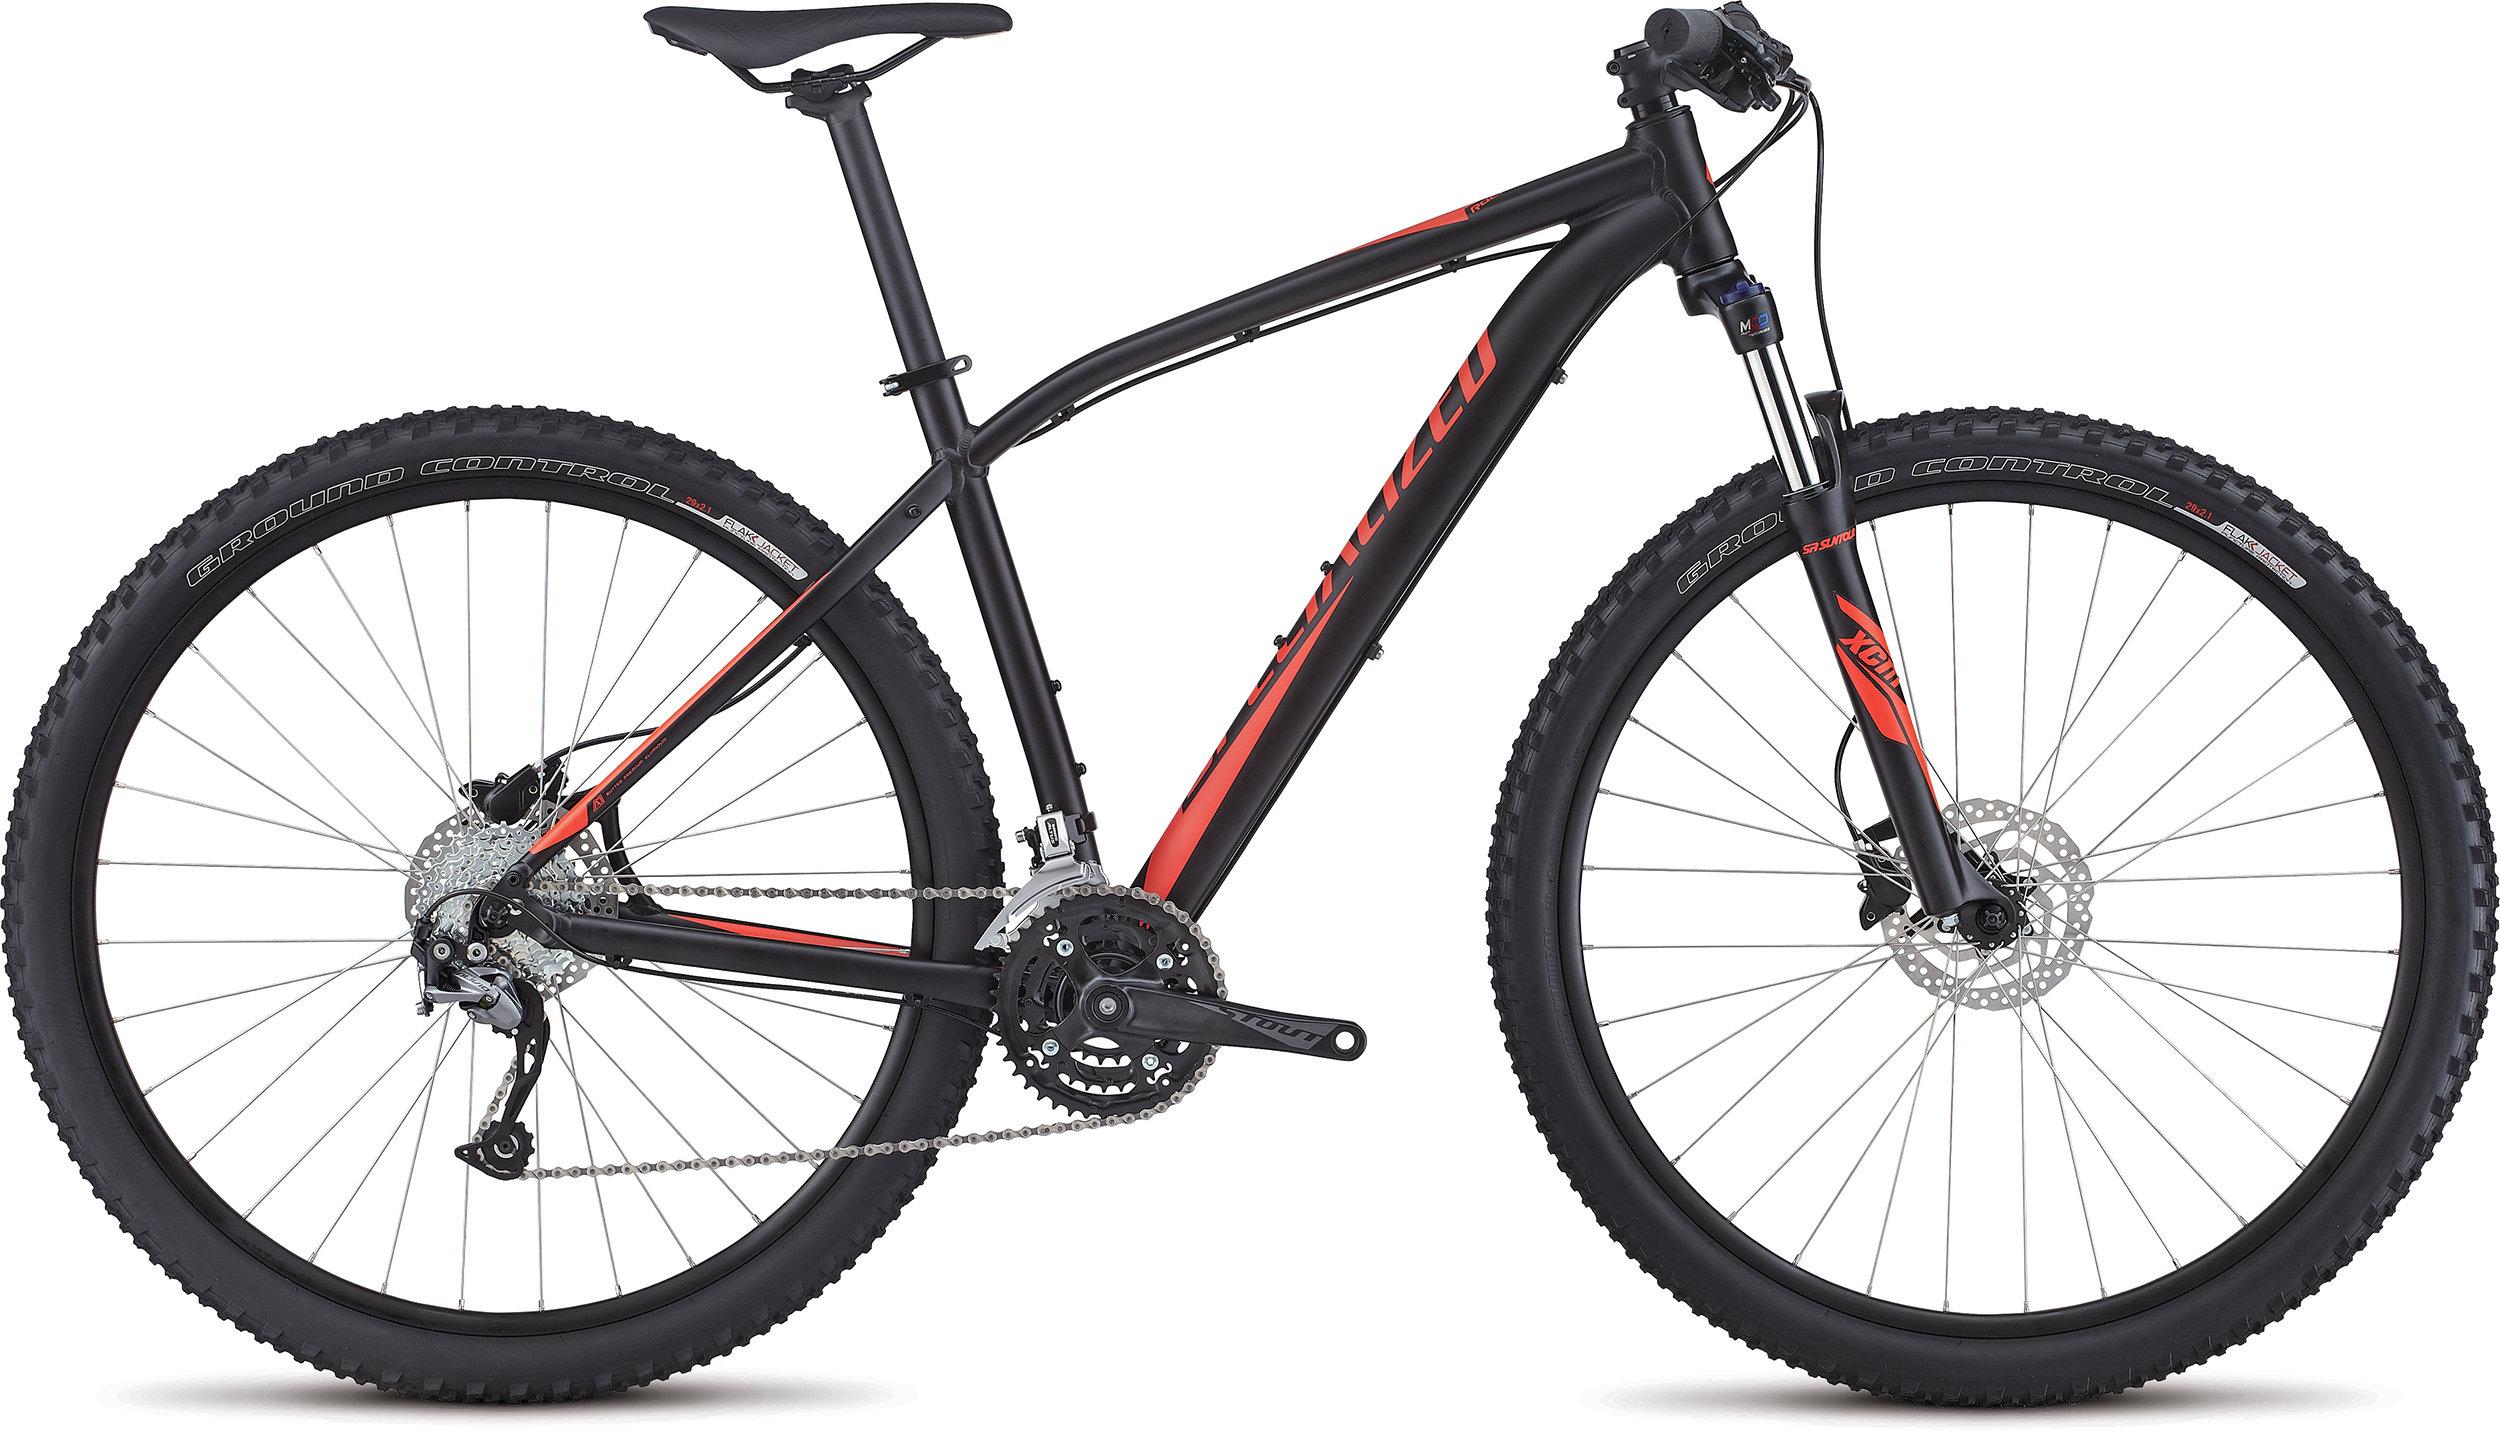 SPECIALIZED RH SPORT 29 BLK/RKTRED L - Bike Zone